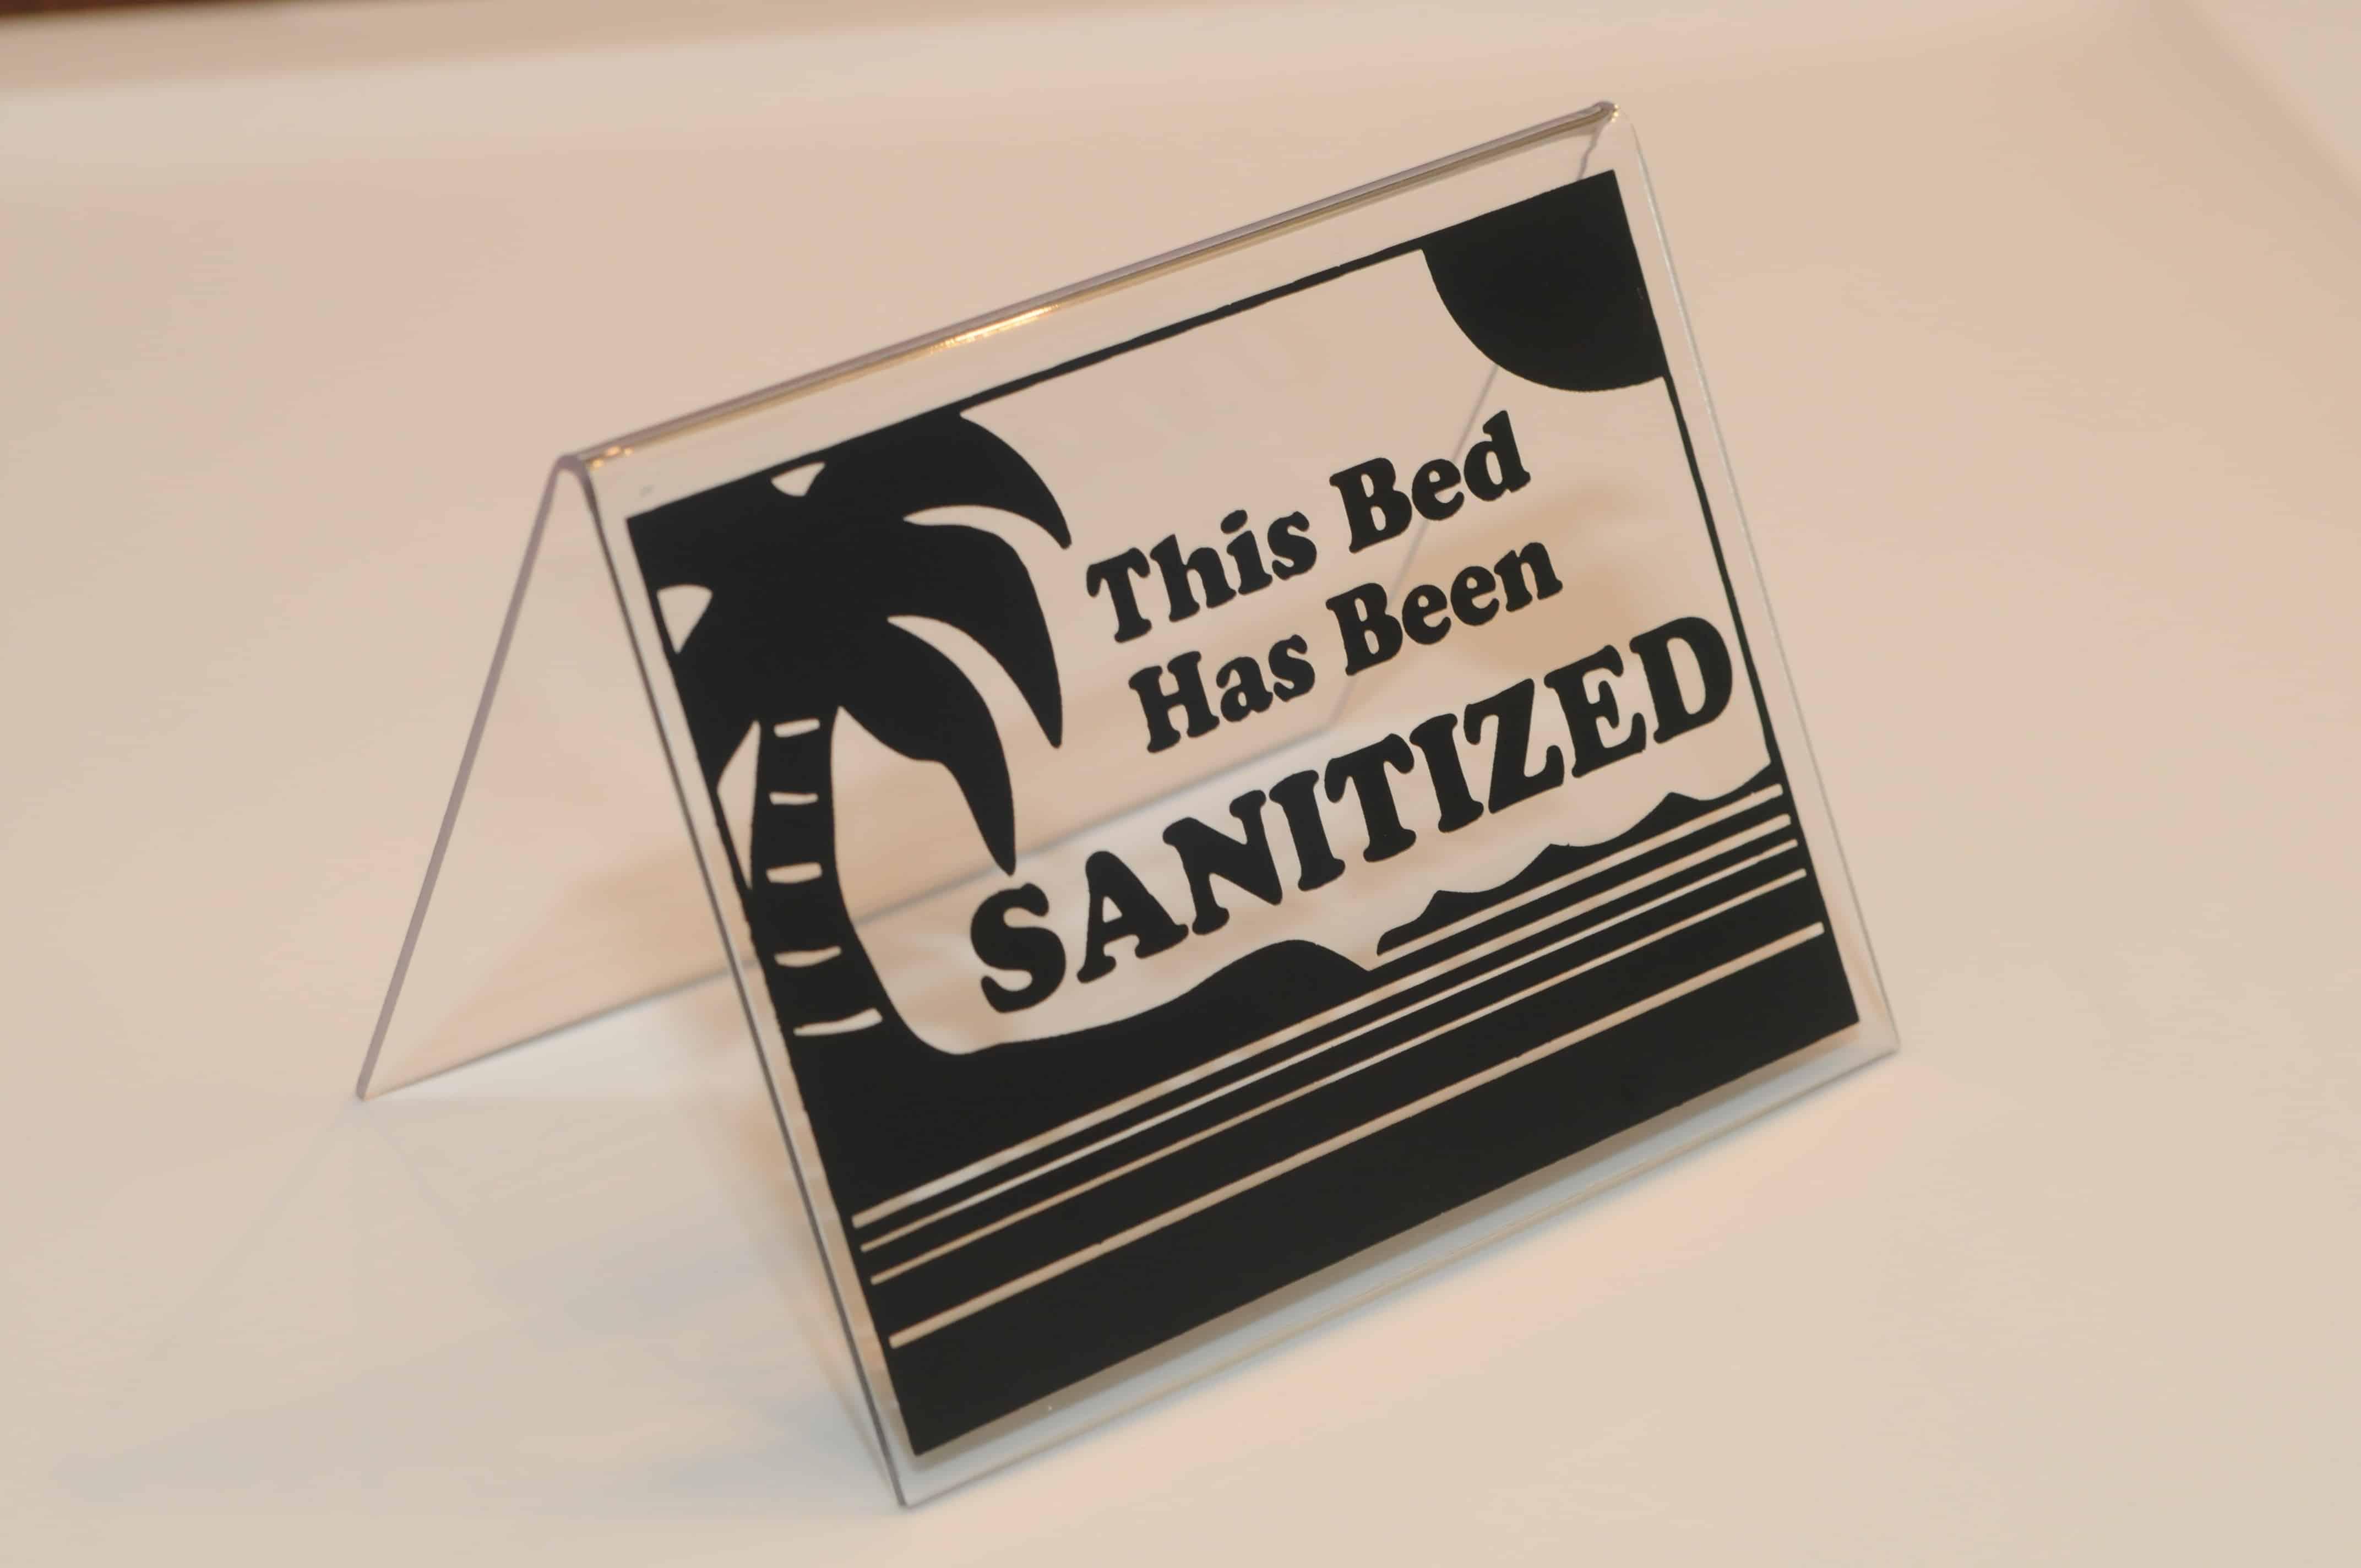 Image result for sanitized sign for sunbed